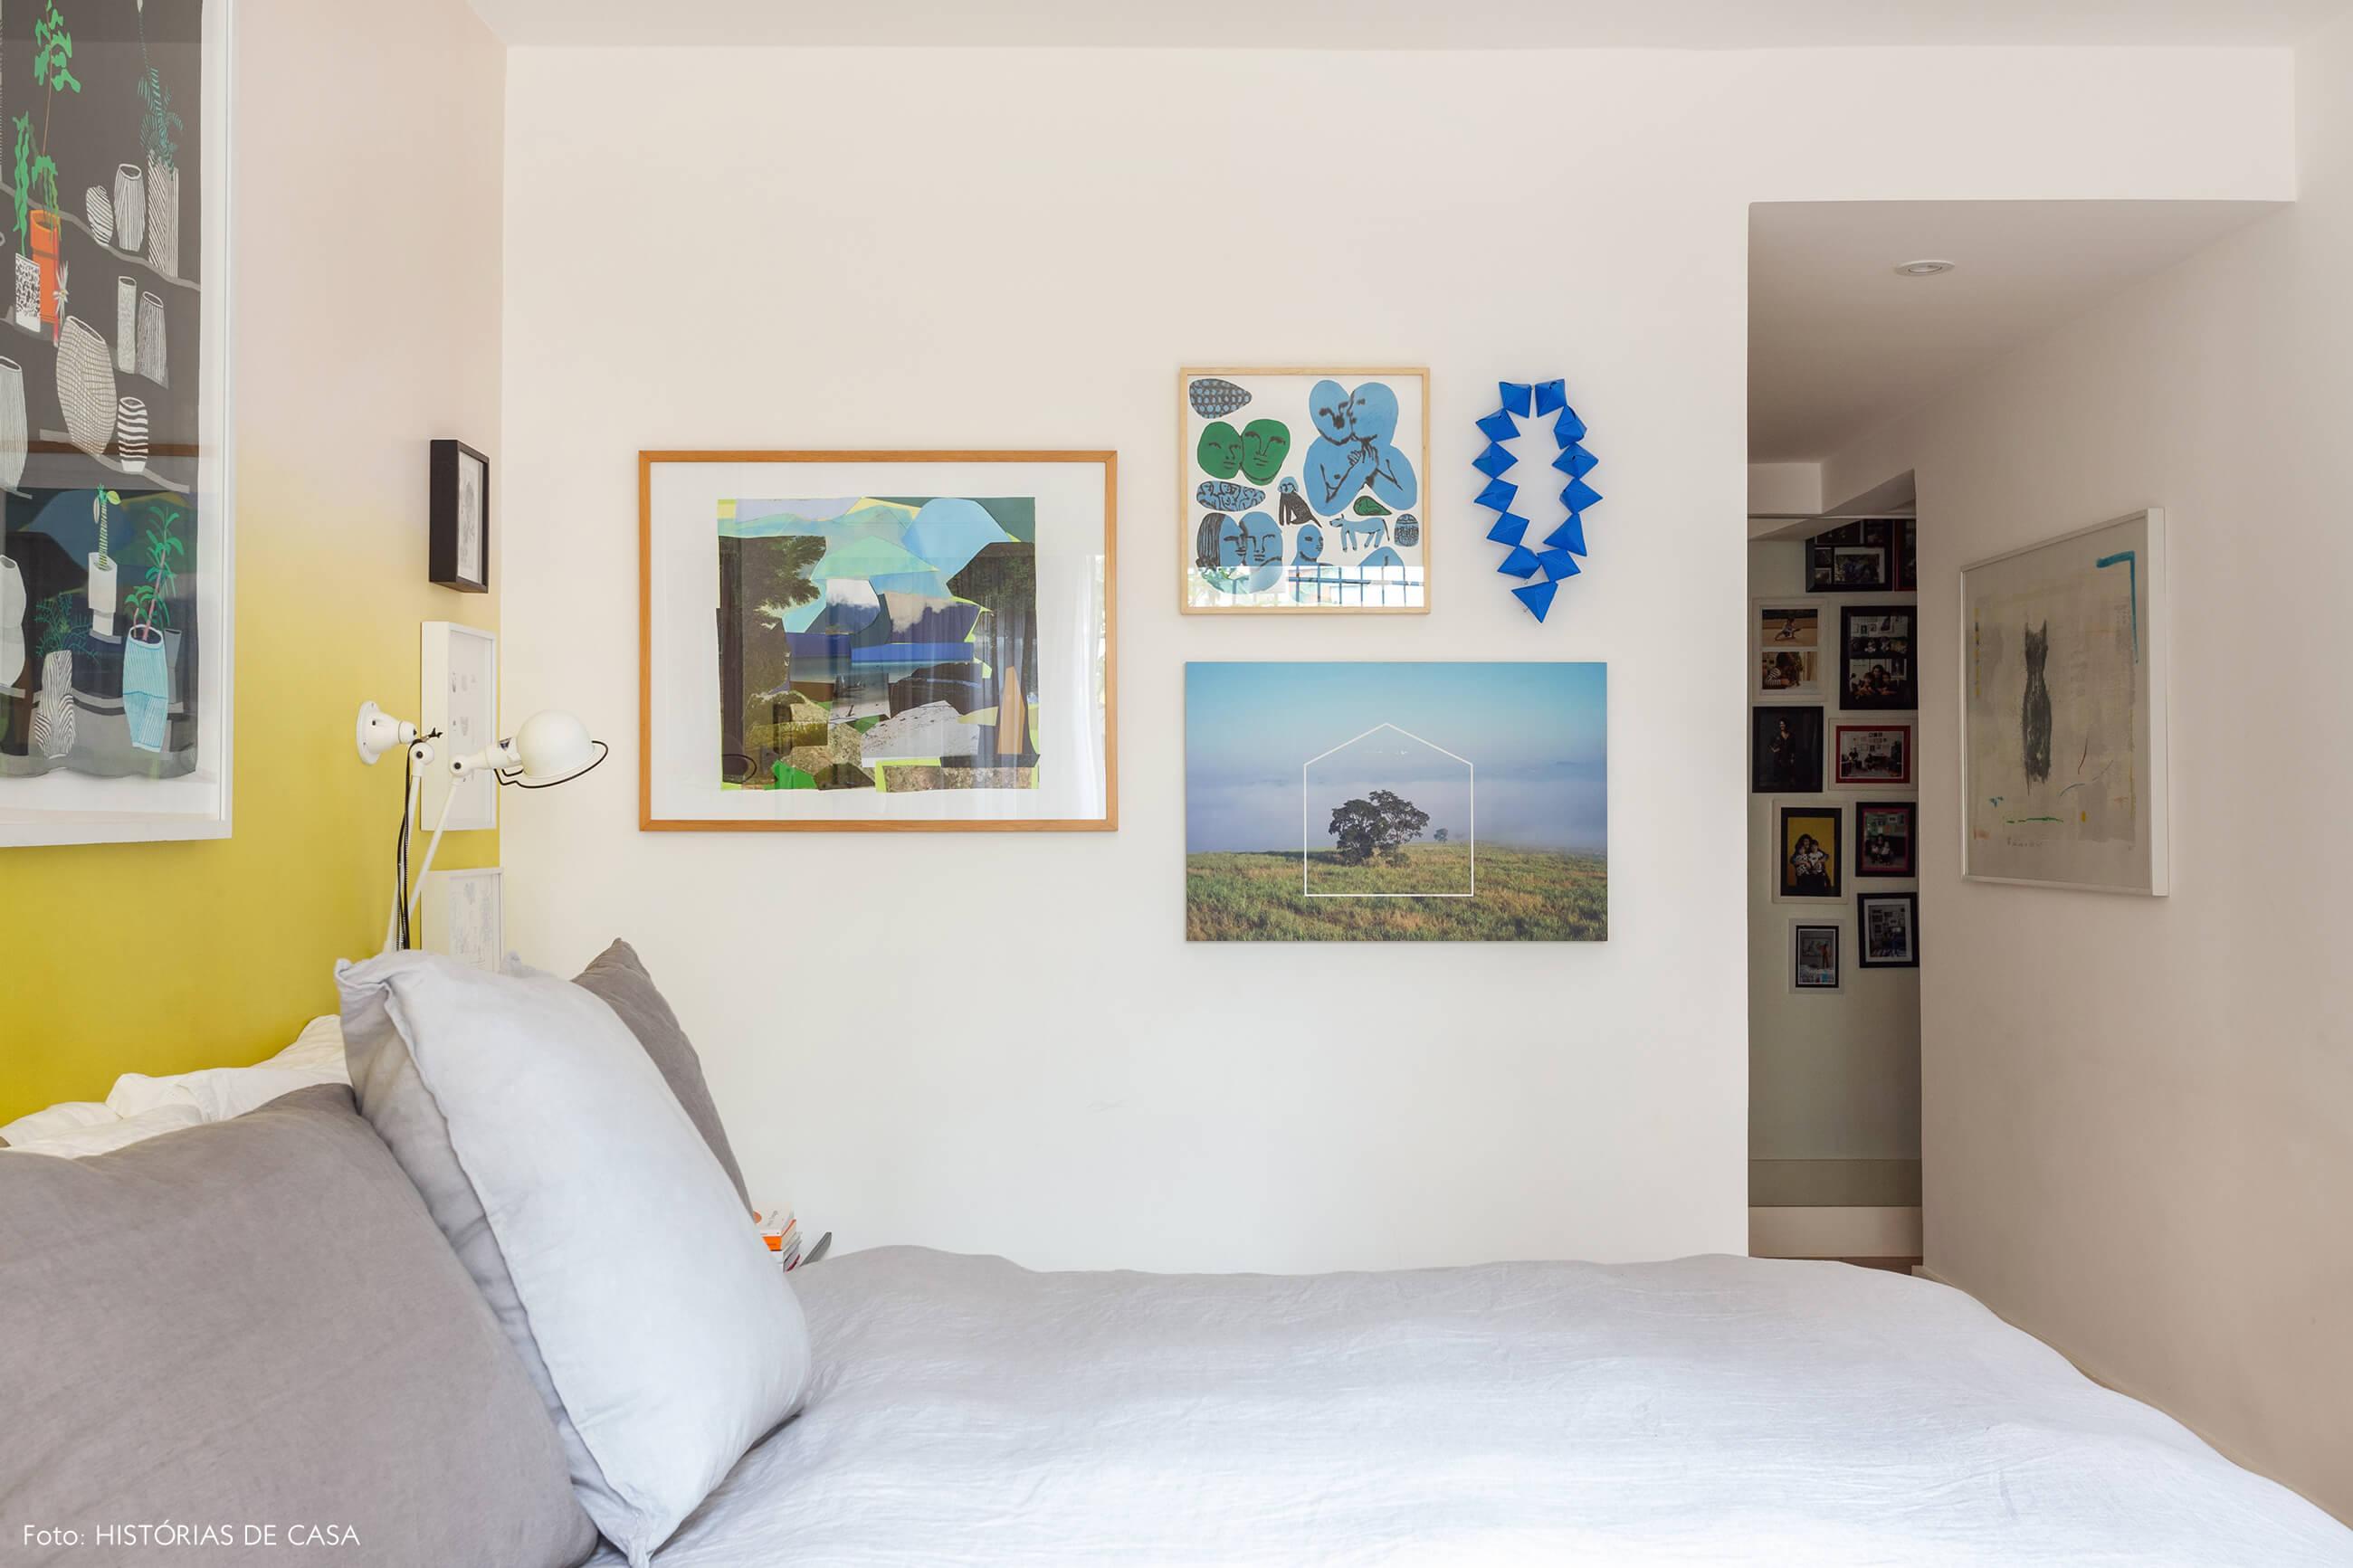 Quarto de casal com papel de parede e parede de quadros azuis